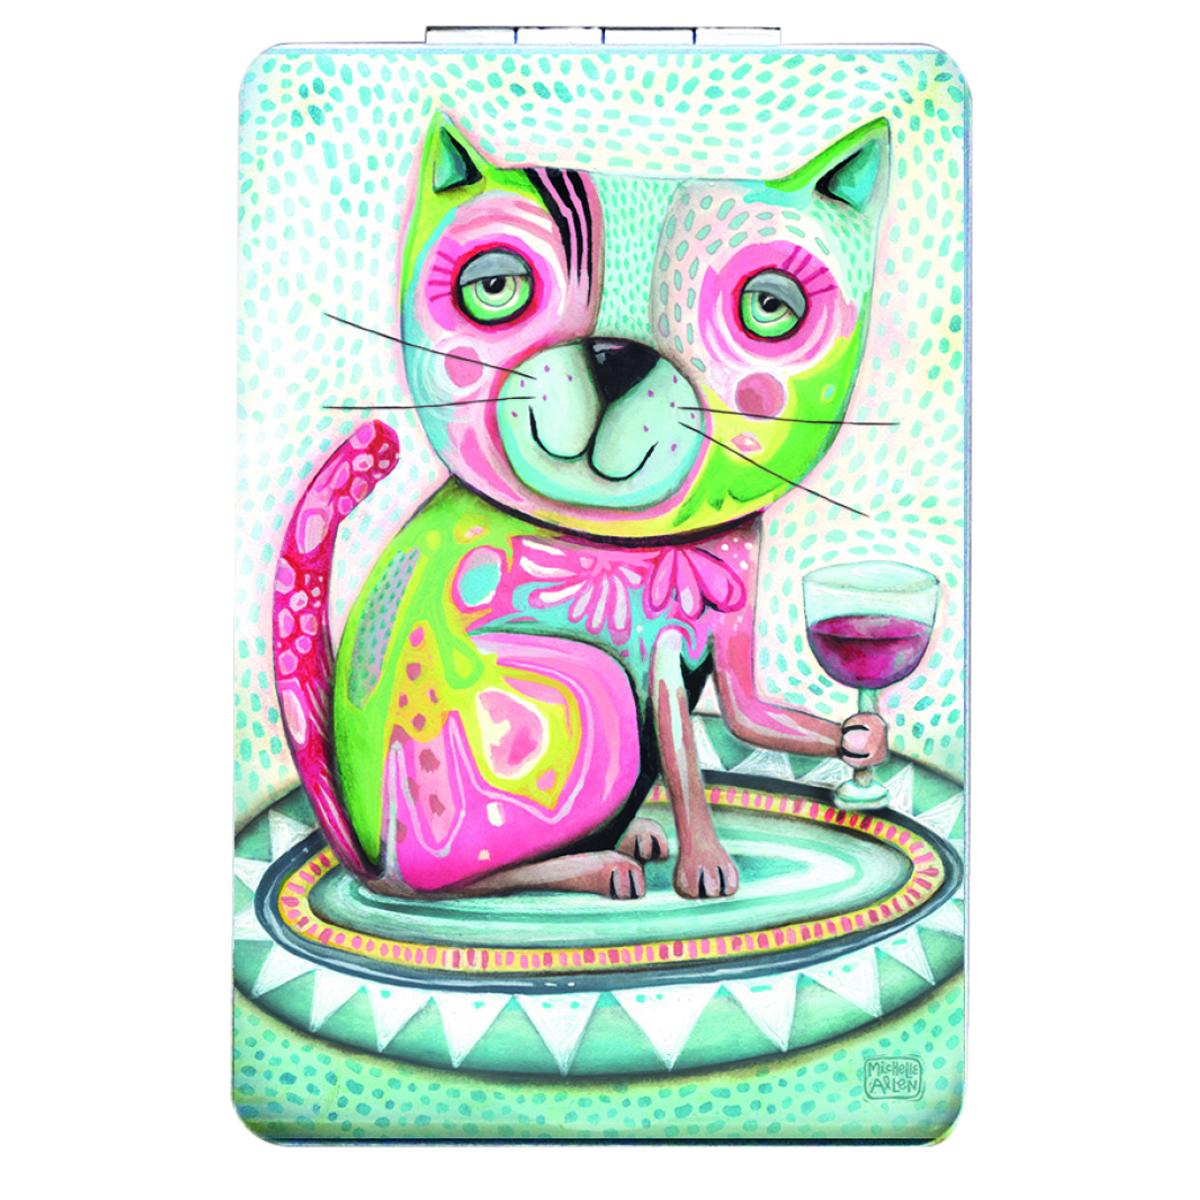 Miroir de poche \'Allen Designs\' vert rose (chat vin) - 85x55 cm - [Q1973]